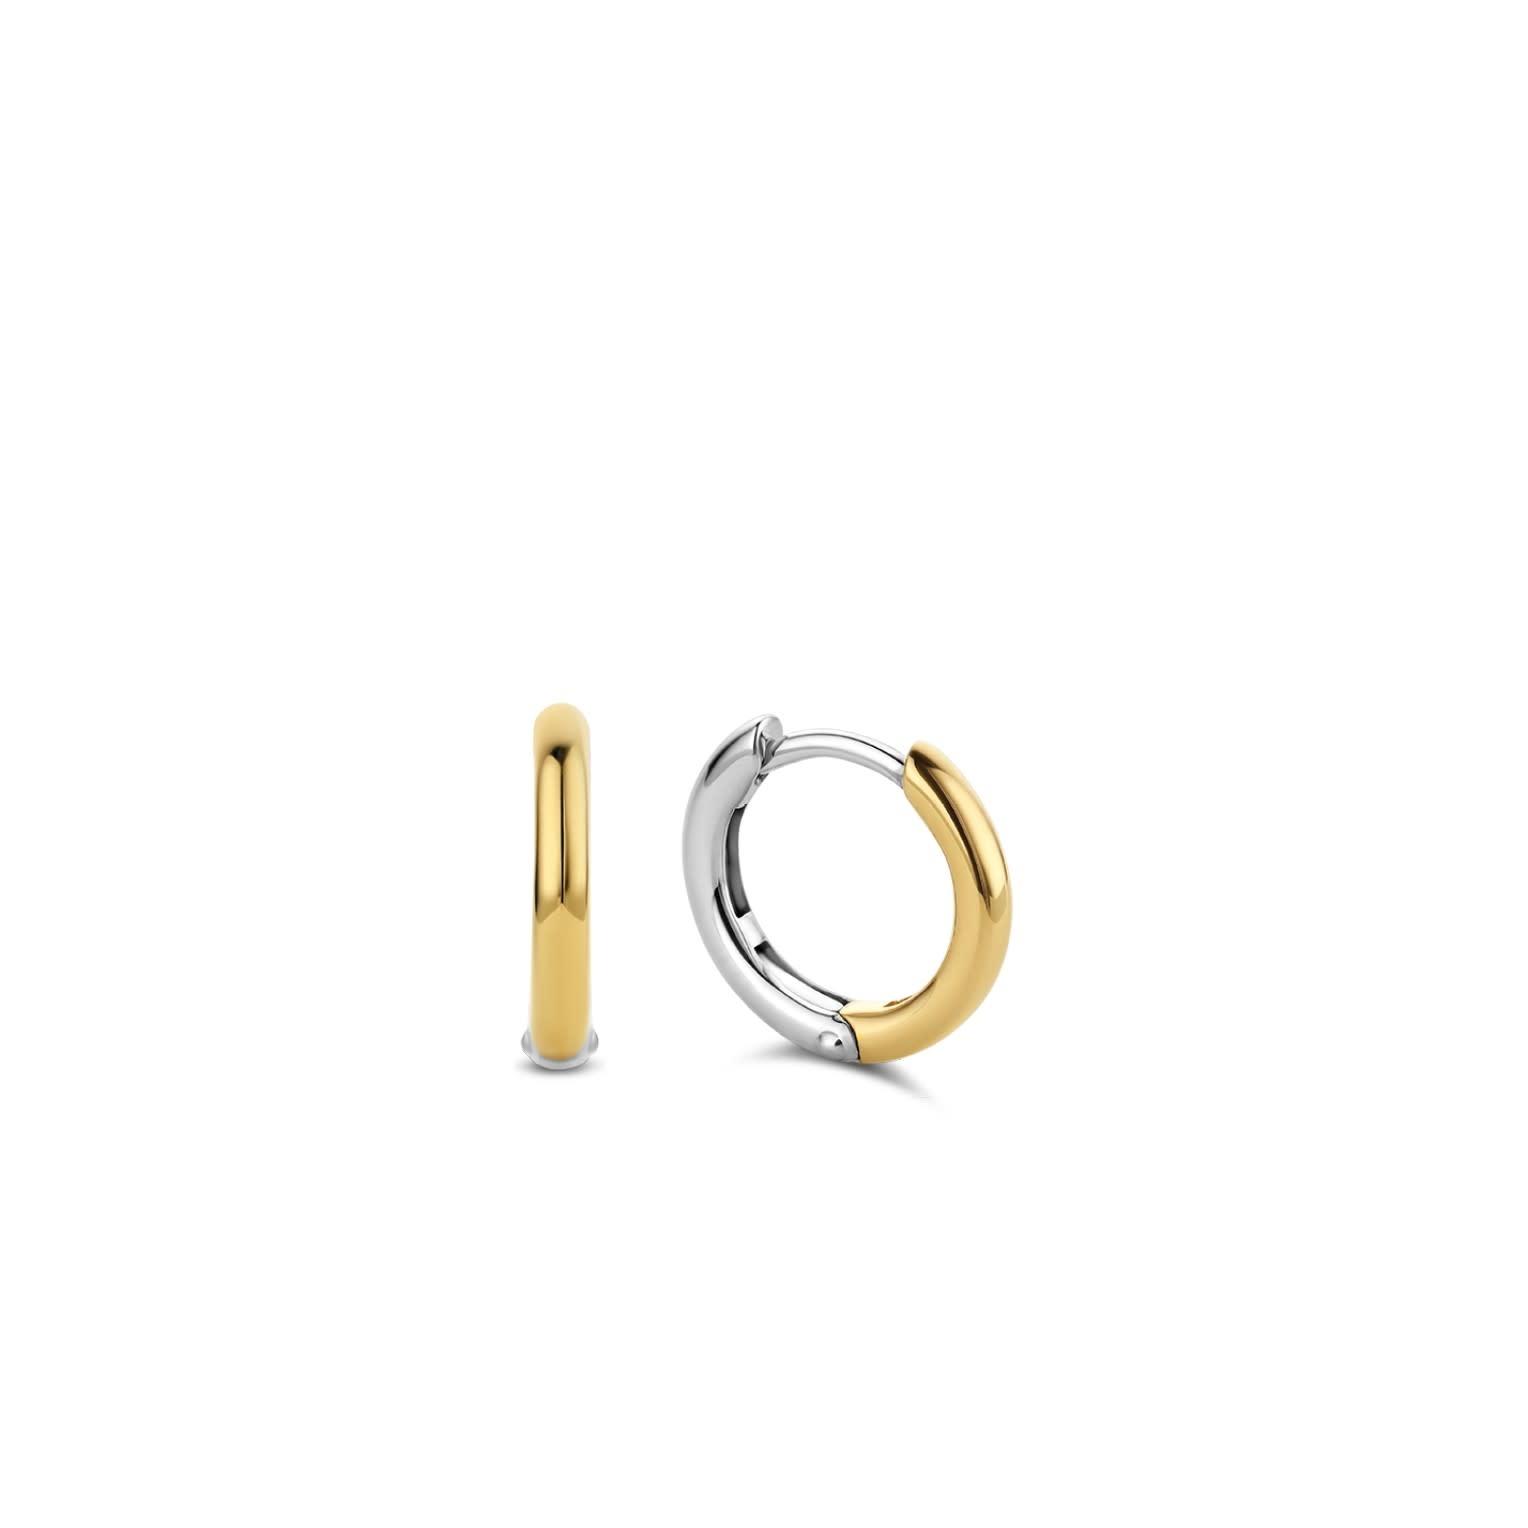 TI SENTO - Milano Earrings 7812SY-1